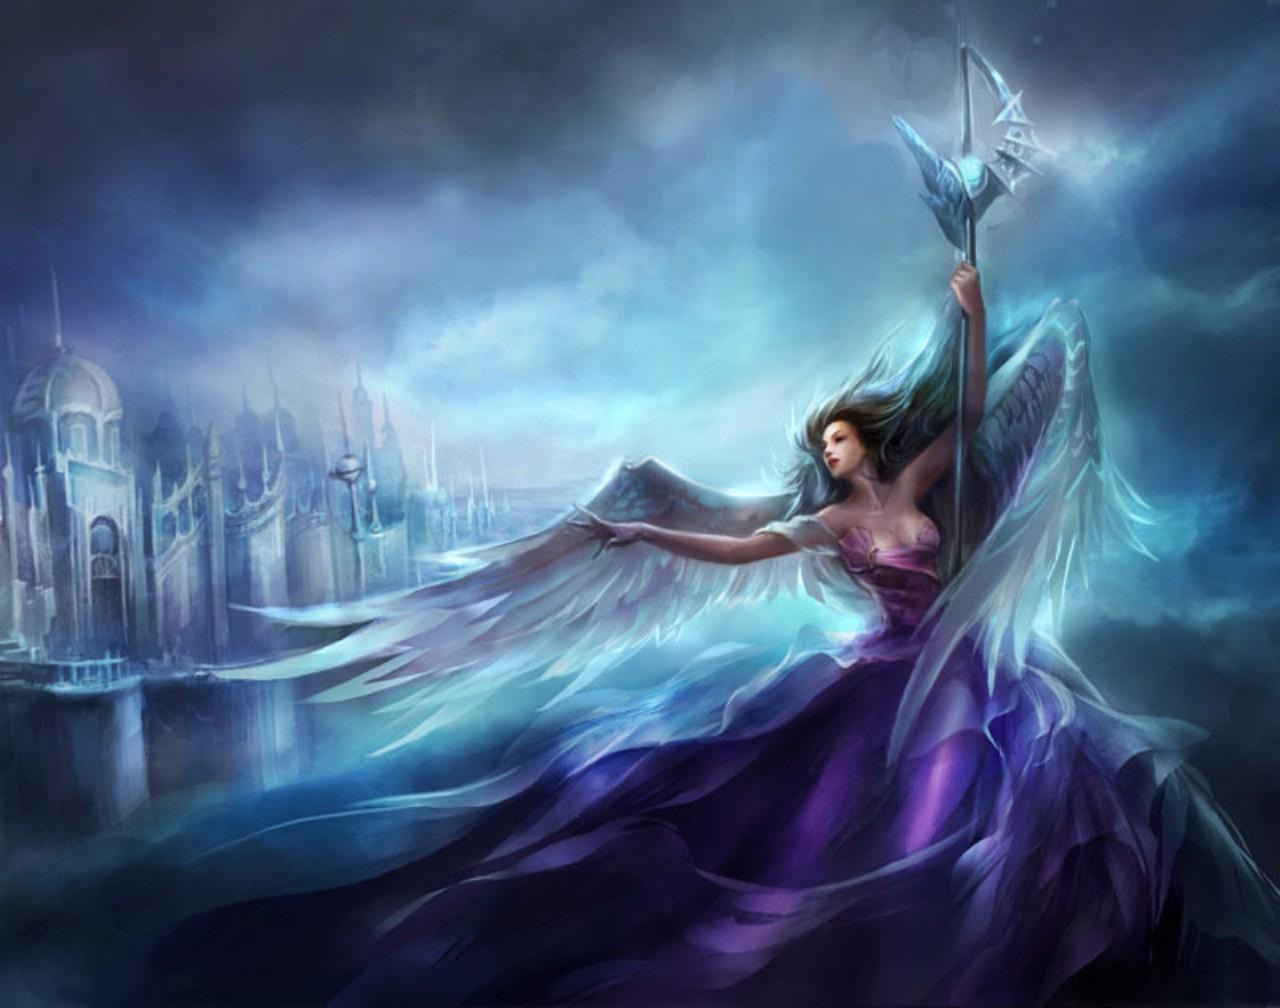 HD Fantasy Woman Wallpapersamazedwallpaper 1280x1008